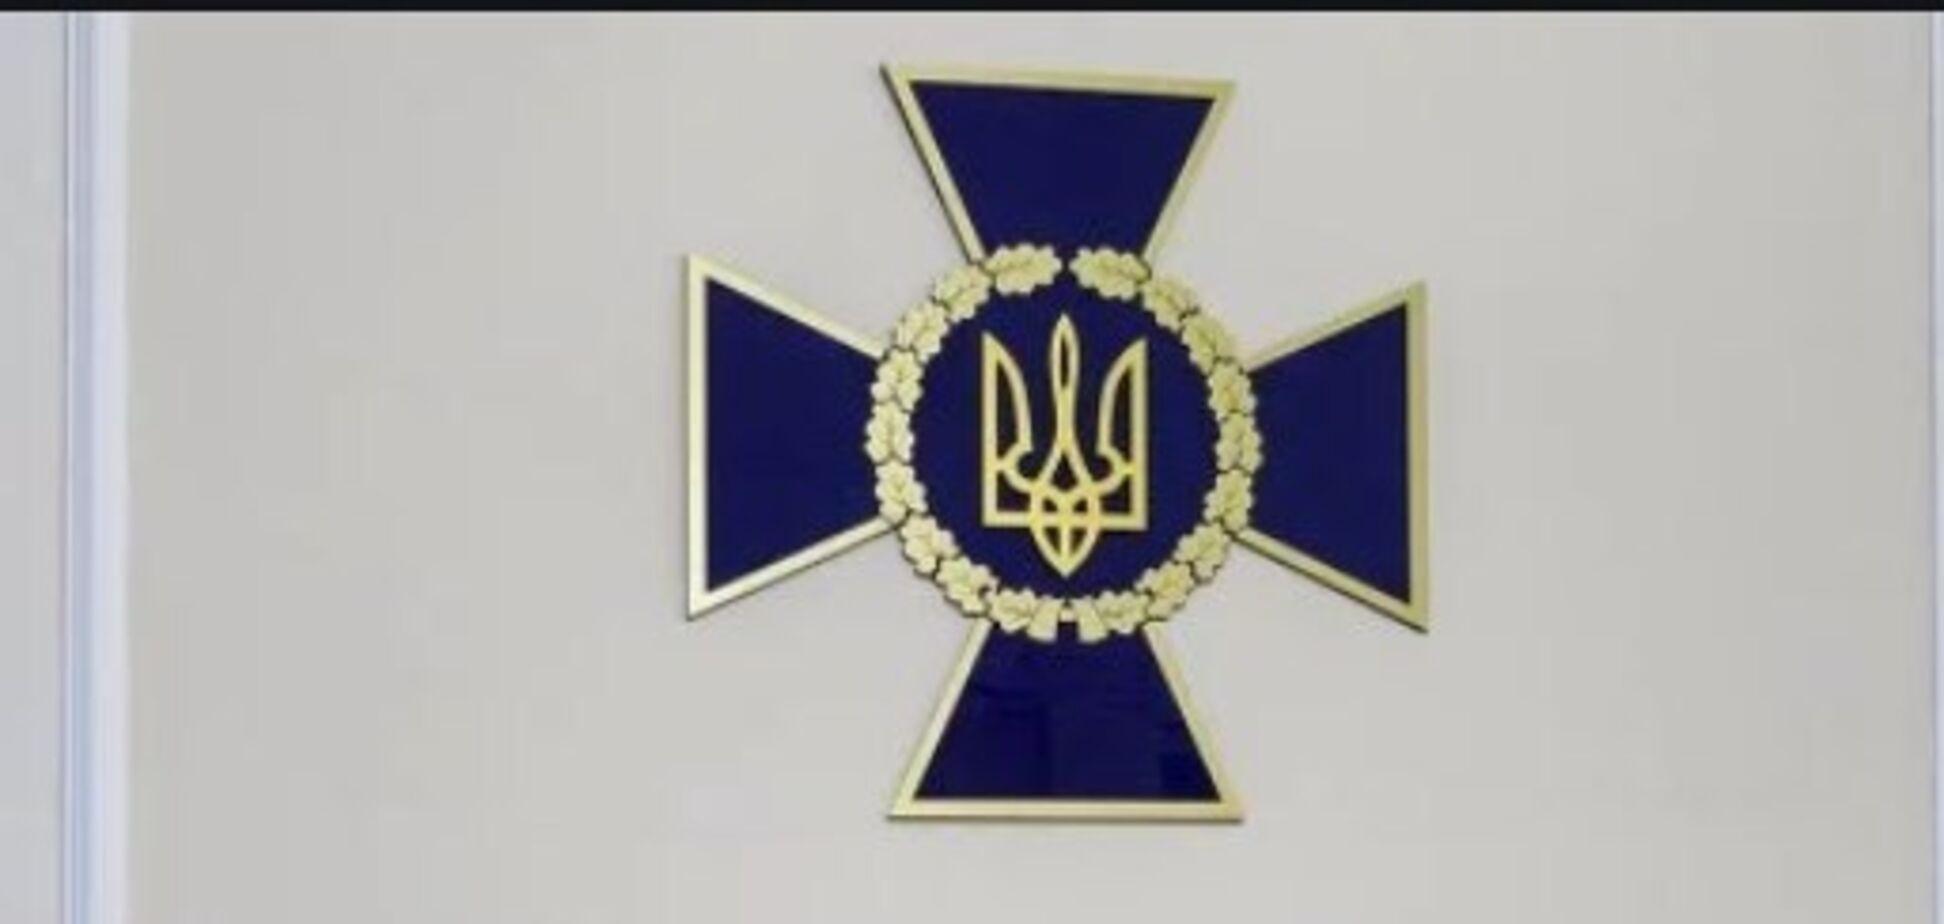 Зеленський призначив главу ГУ СБУ Києва й області: хто він